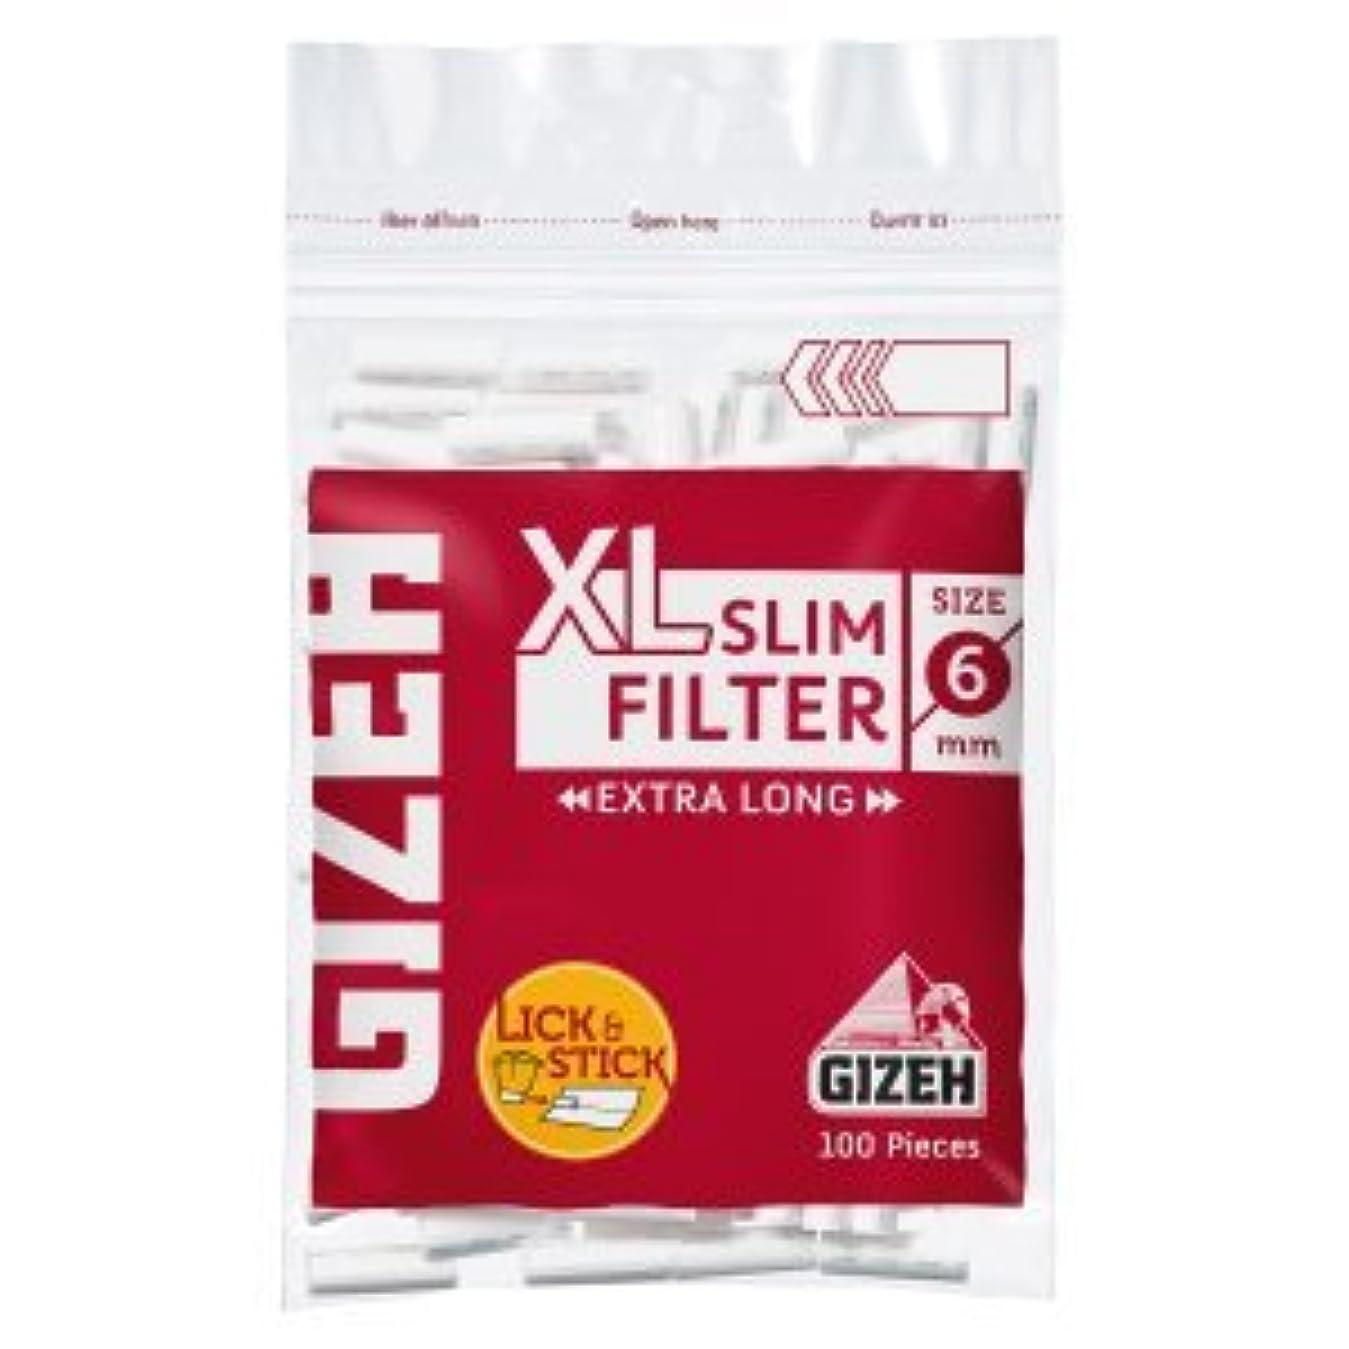 上昇肩をすくめる神経衰弱GIZEH(ギゼ) スリムXLロングフィルター (直径6mm) 手巻きタバコ 100個入り ×8袋パック 7-20012-25 手巻きタバコ 喫煙具